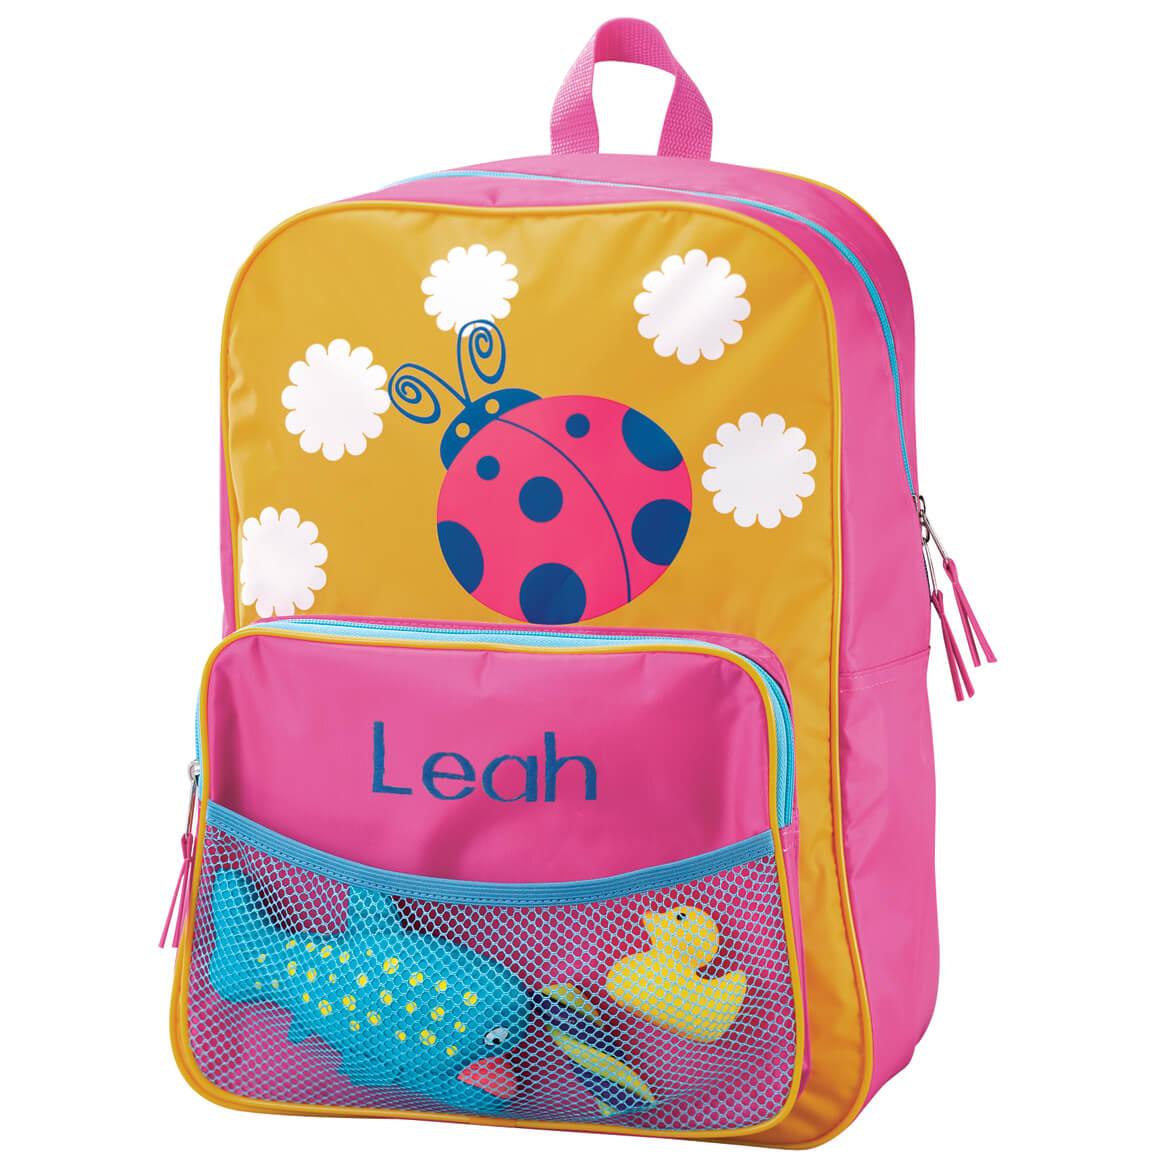 Personalized Ladybug Backpack